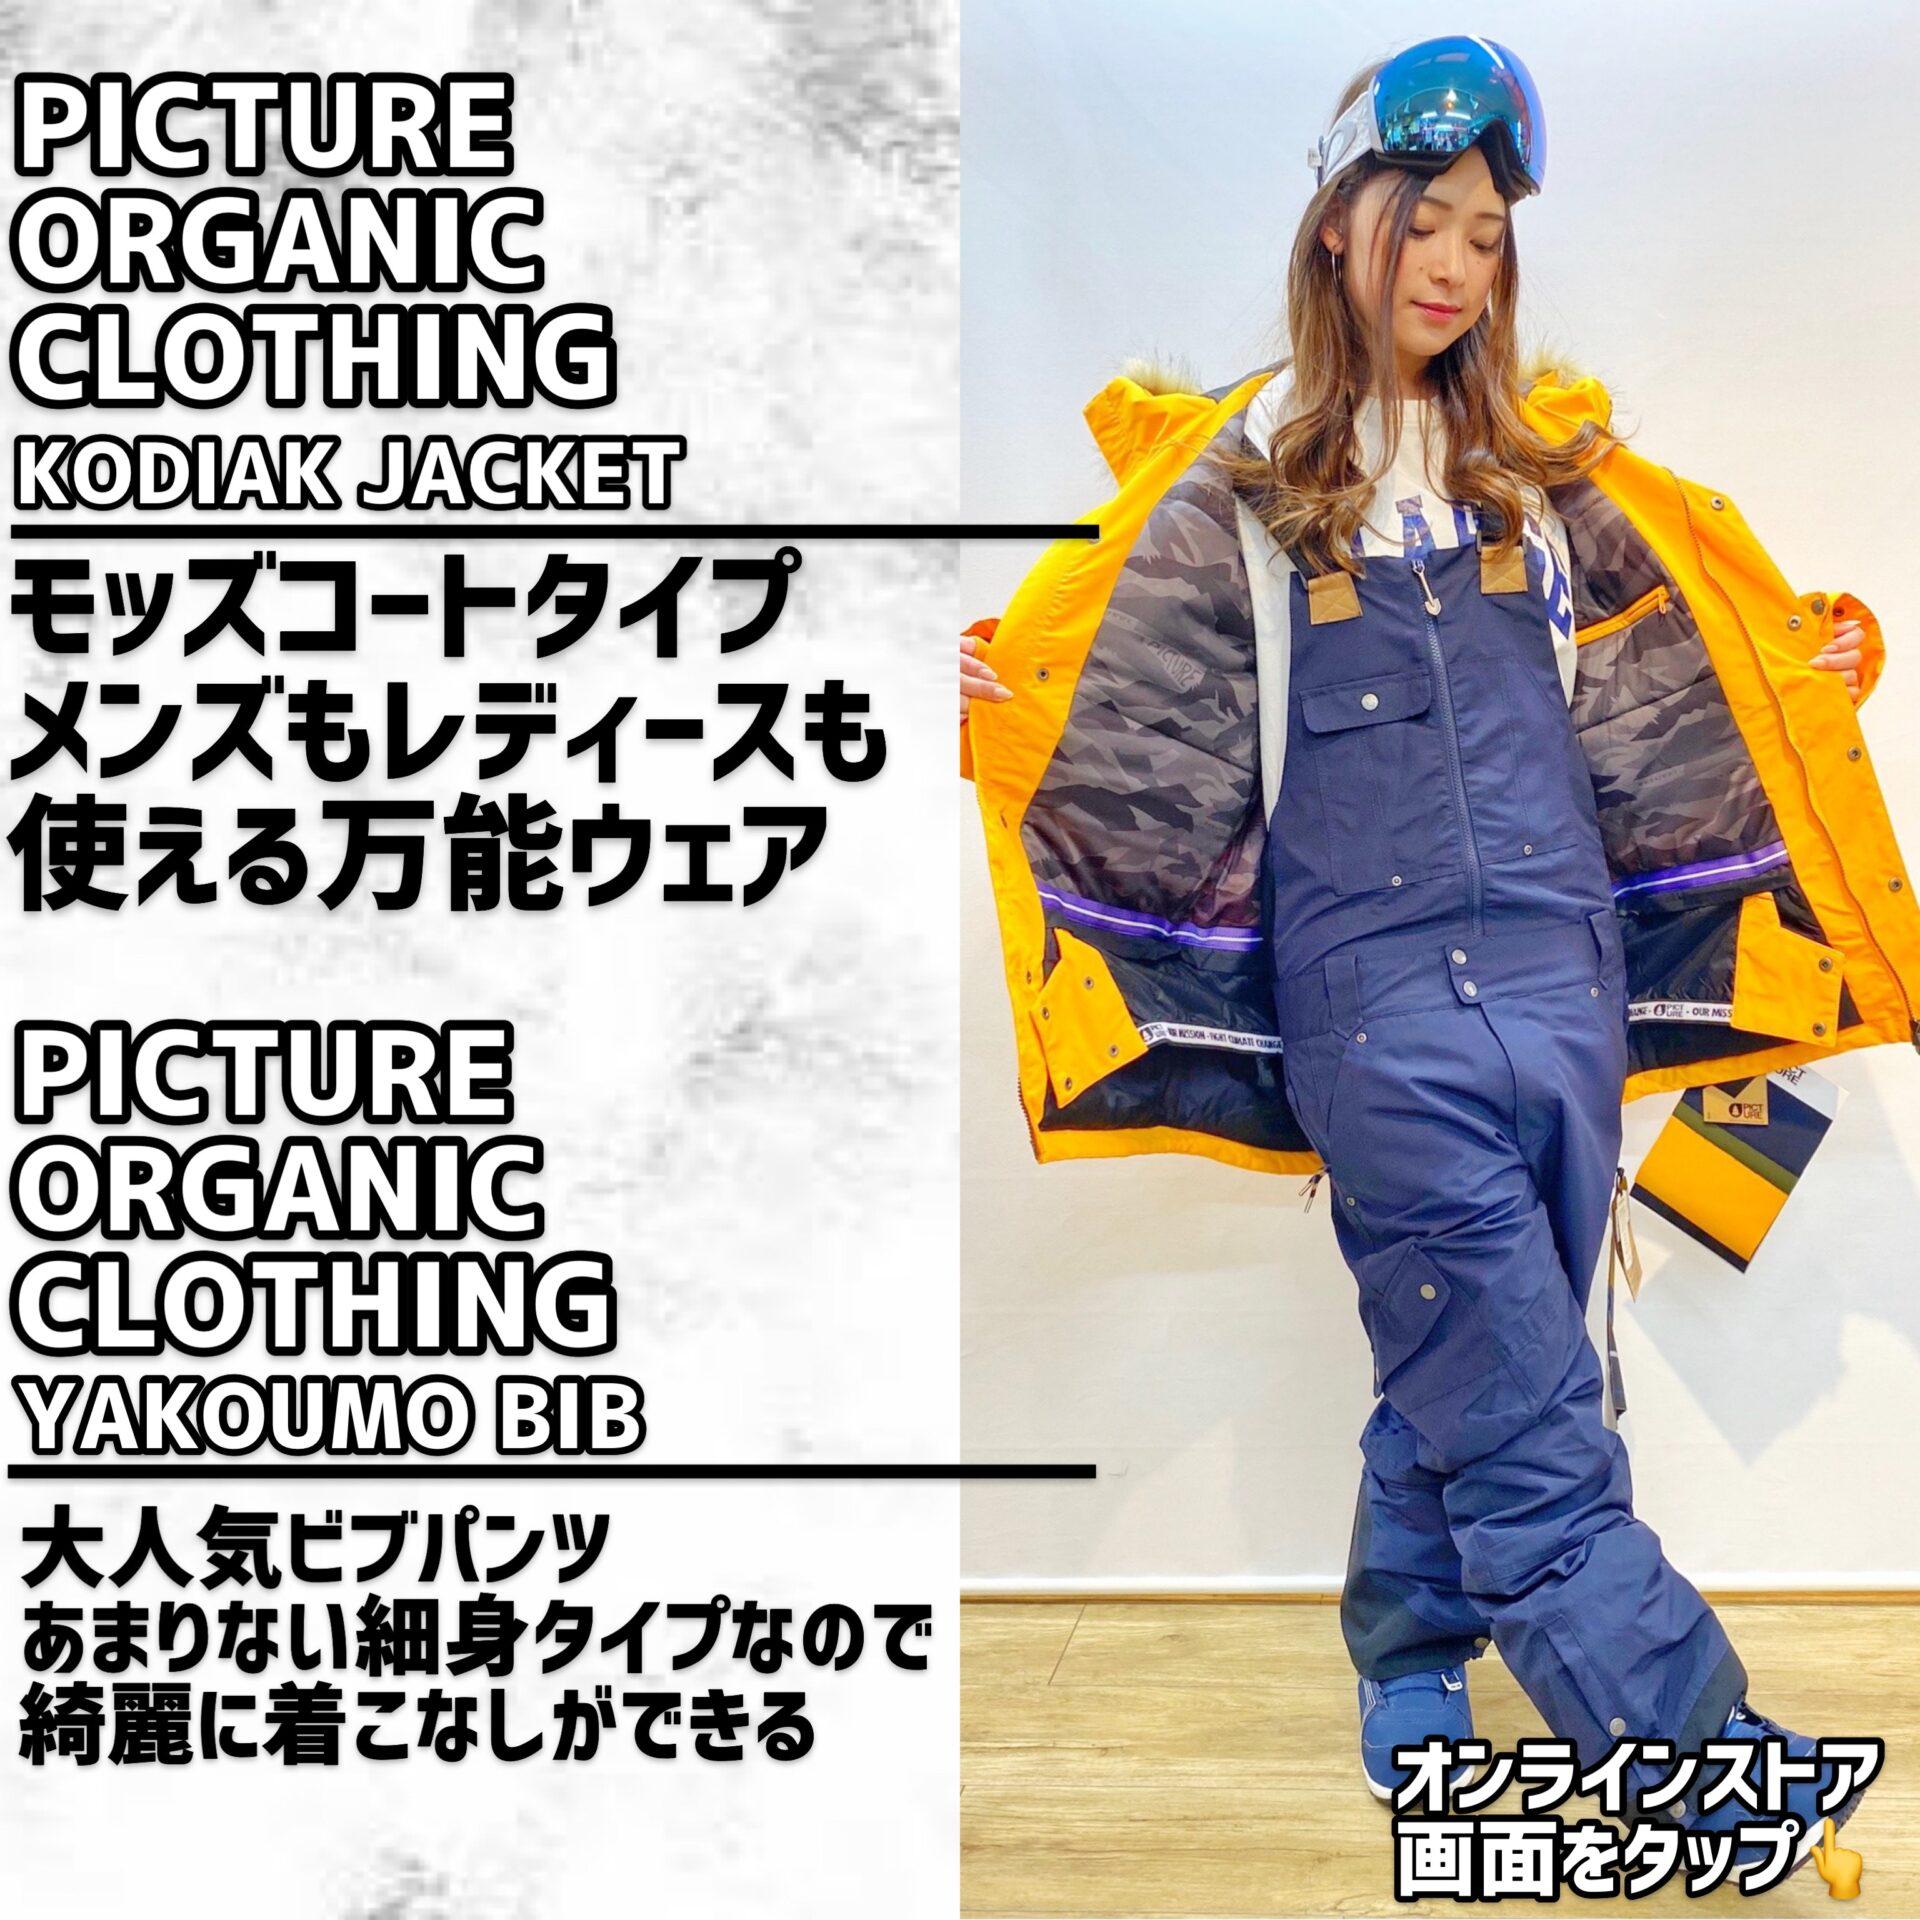 スノーボードウェア 入荷! Picture Organic Clothing ピクチャーオーガニッククロージング